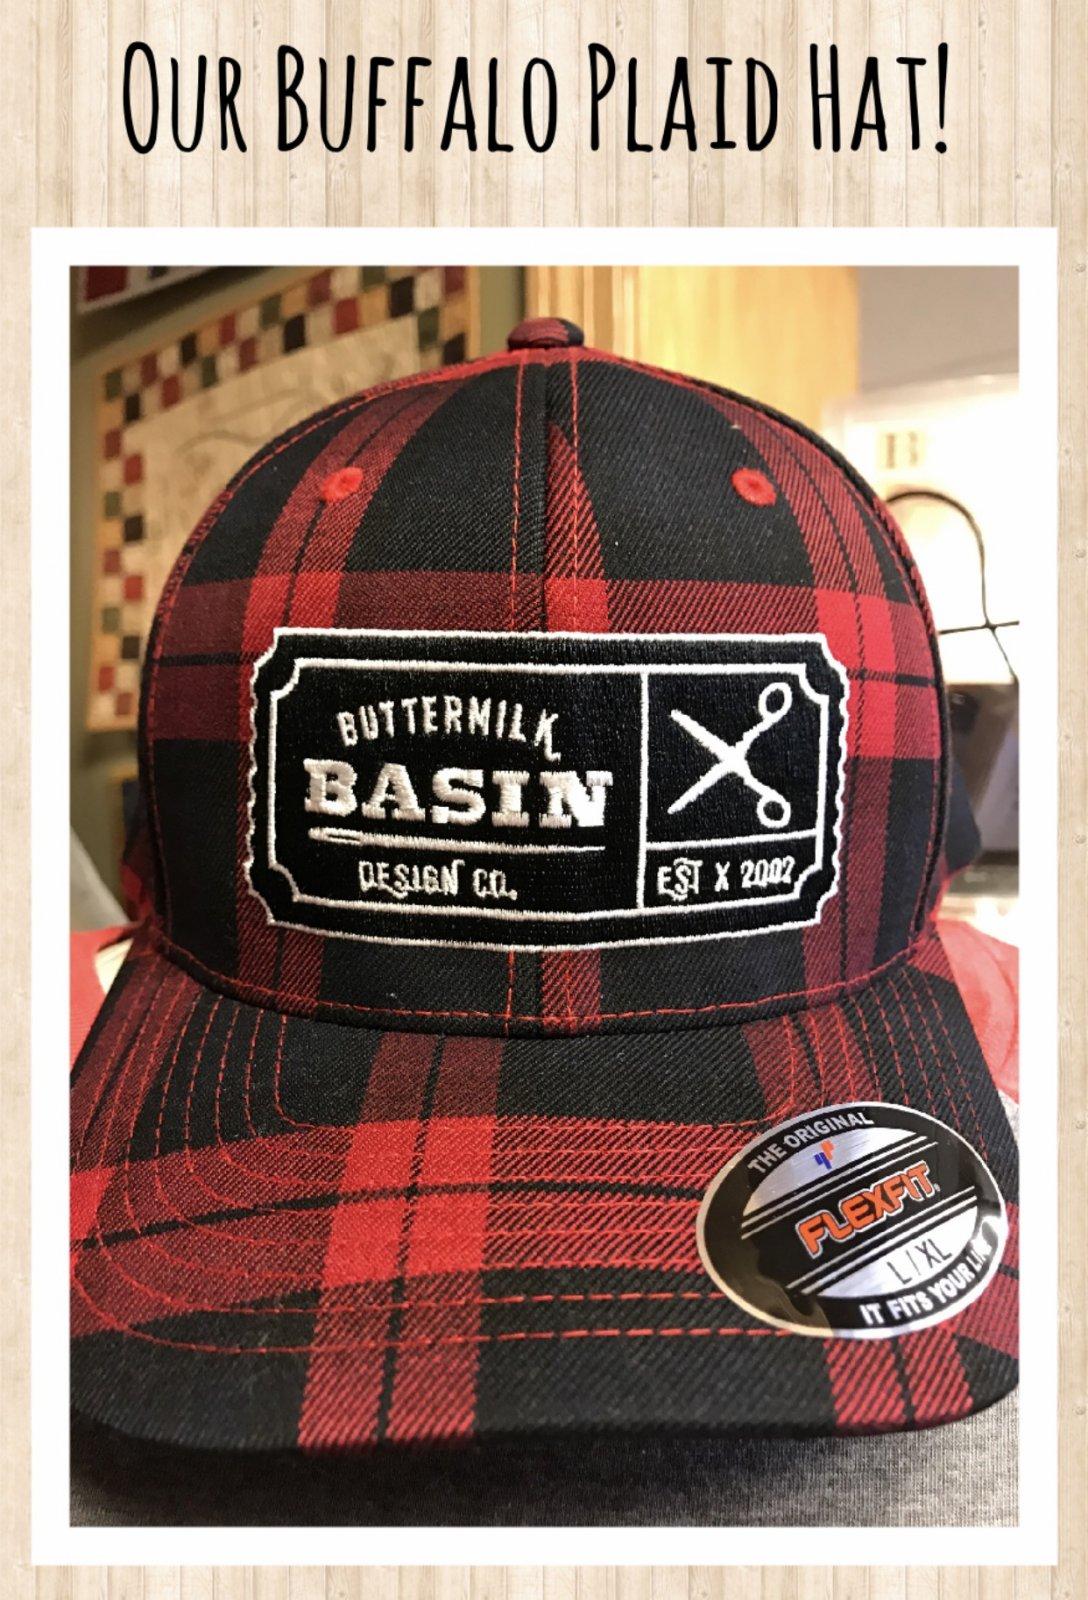 Basin Plaid Hats